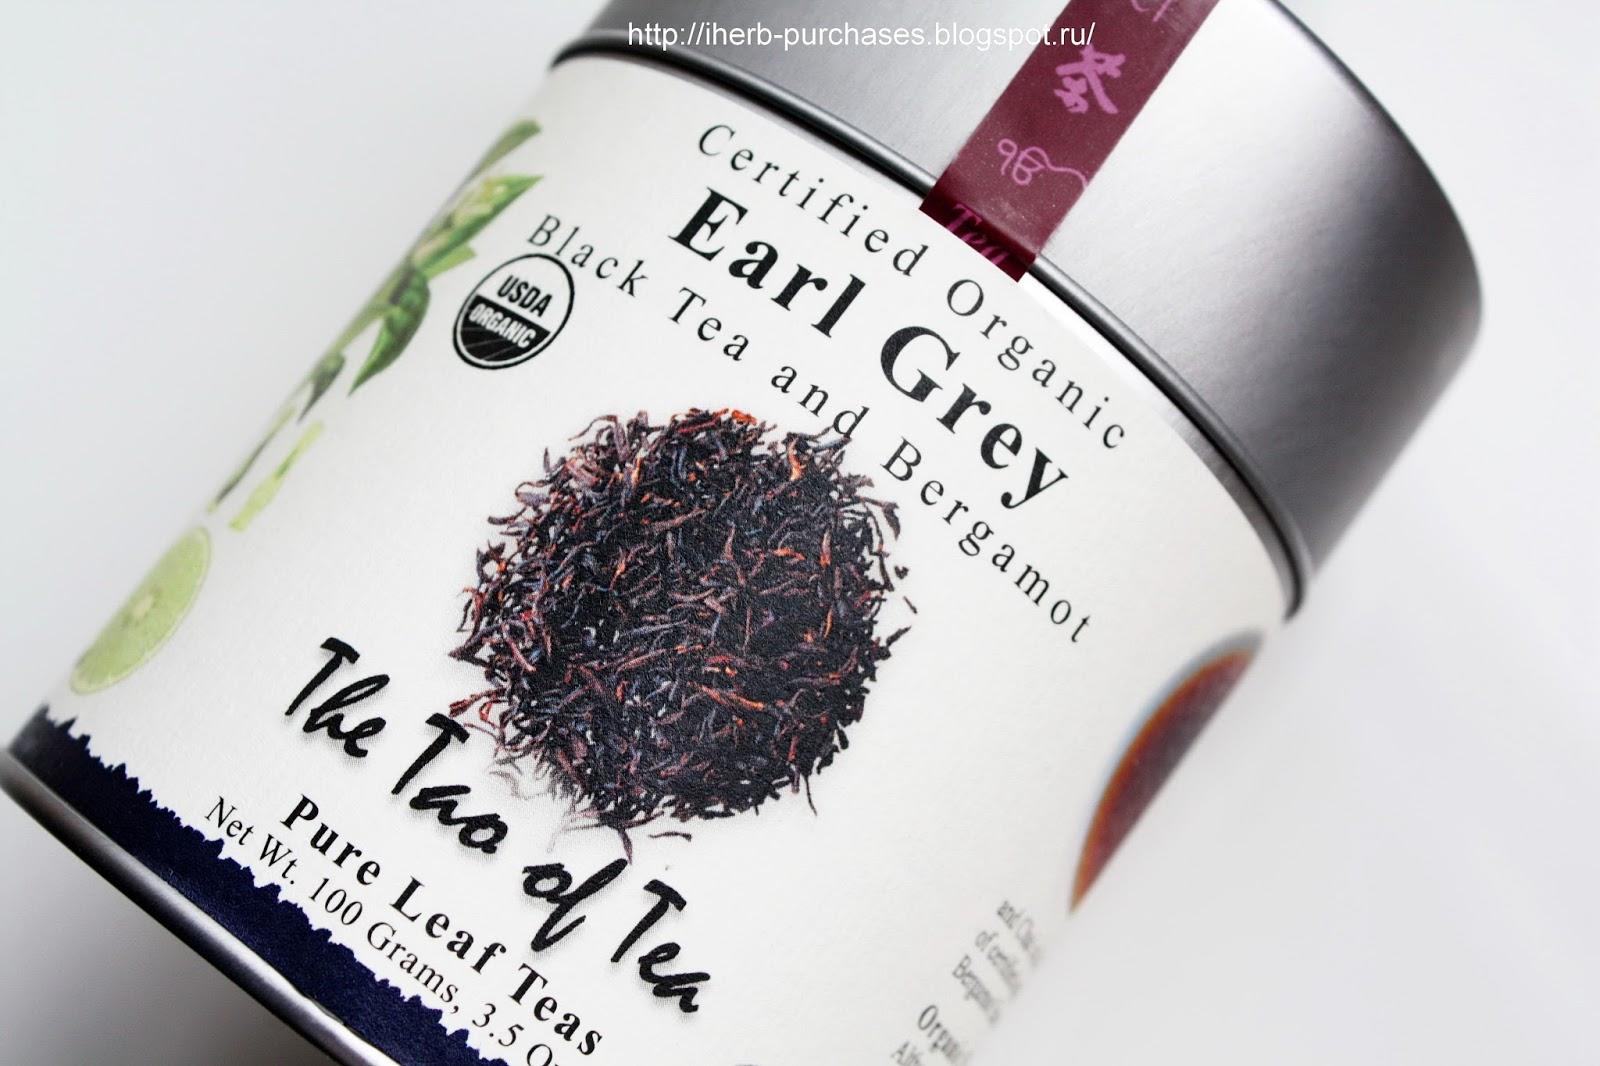 черный чай натуральный органический вкусный ароматный красивая упаковка отзыв iherb